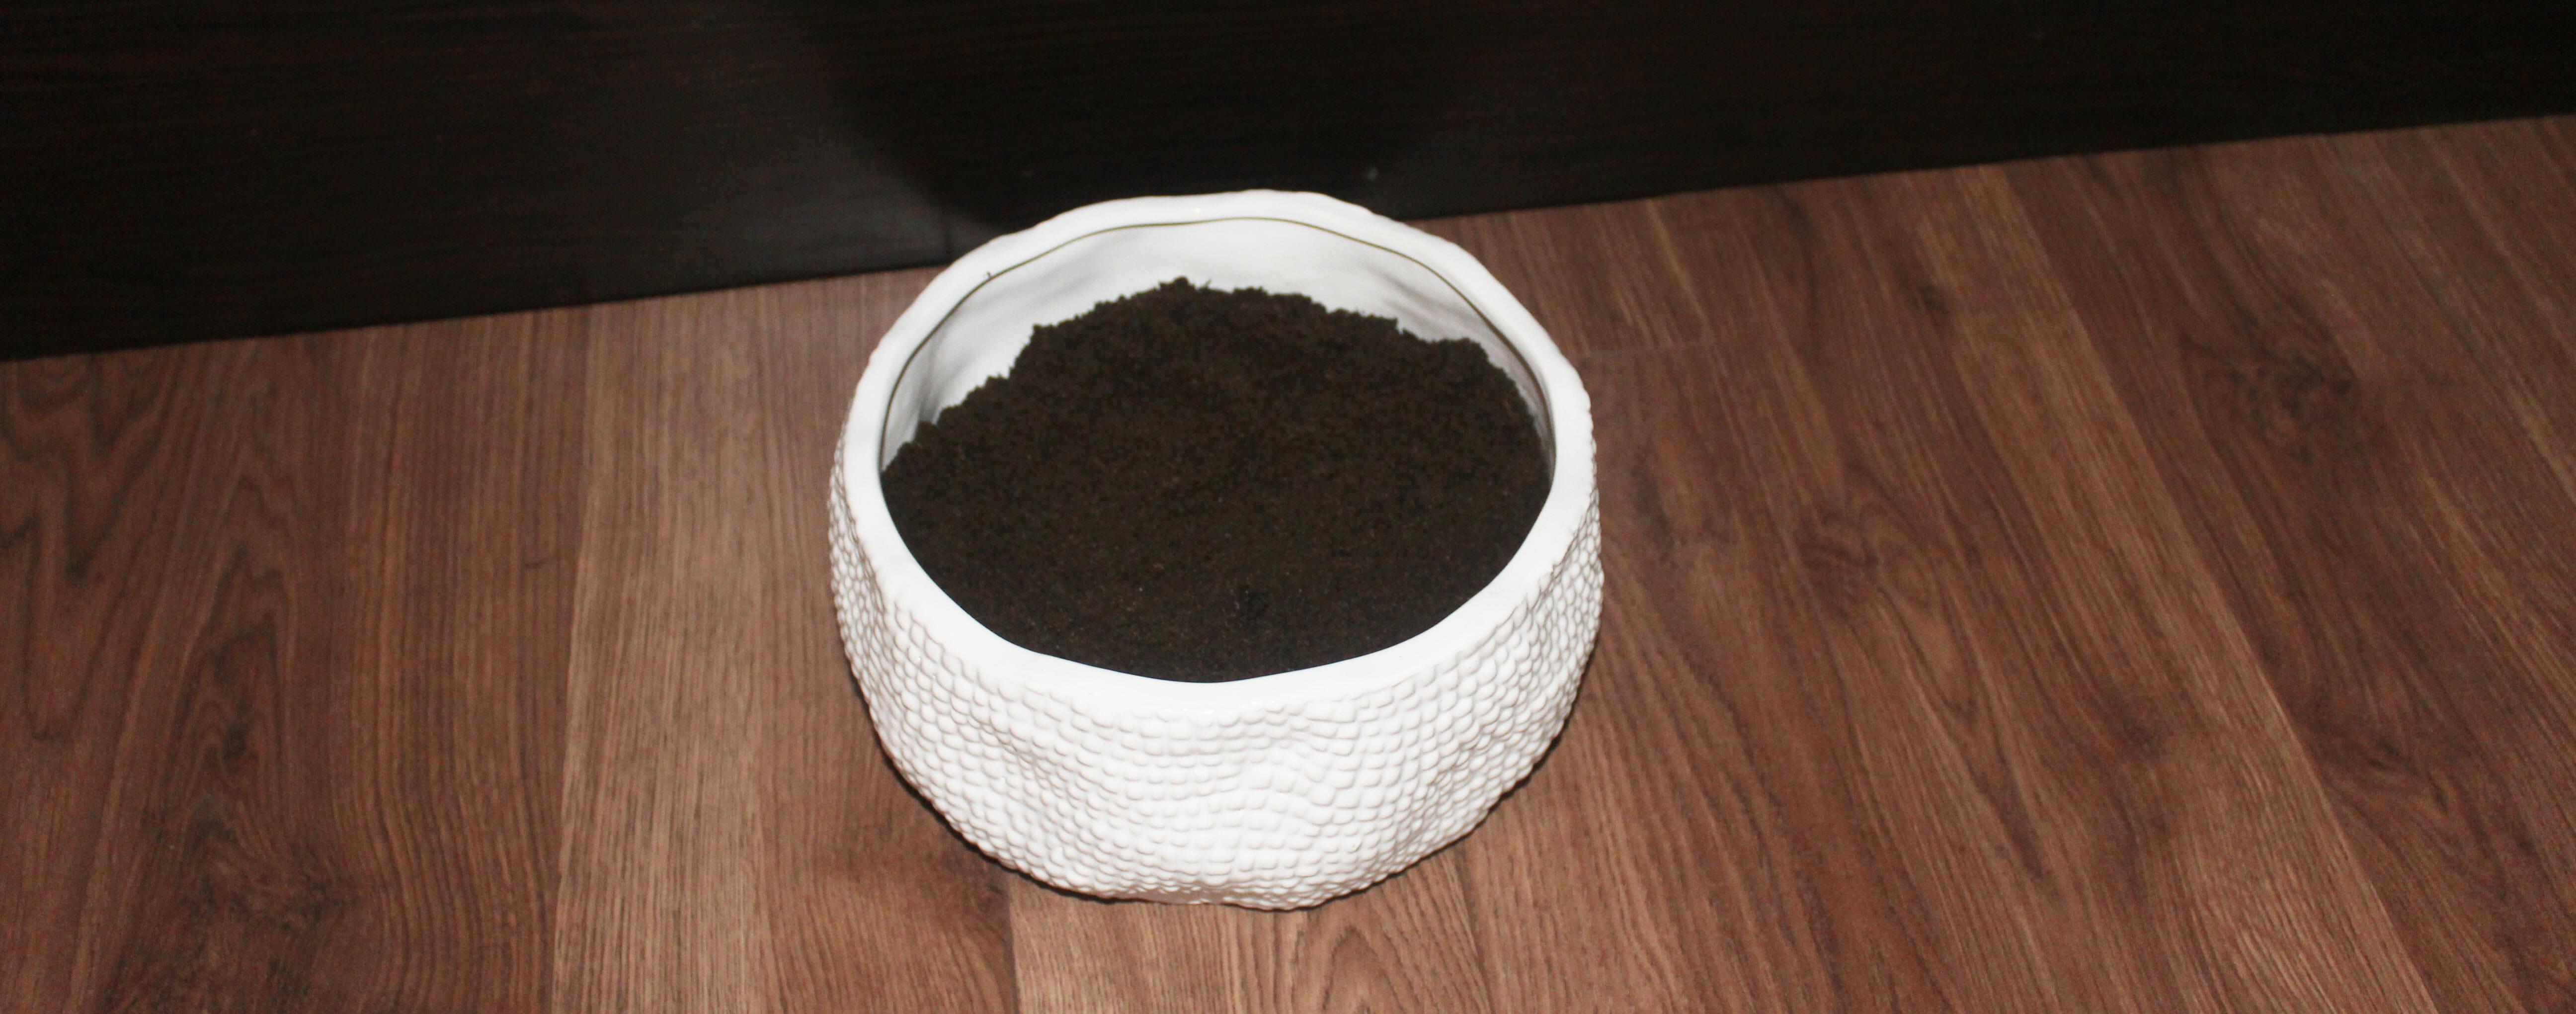 succulents-soil